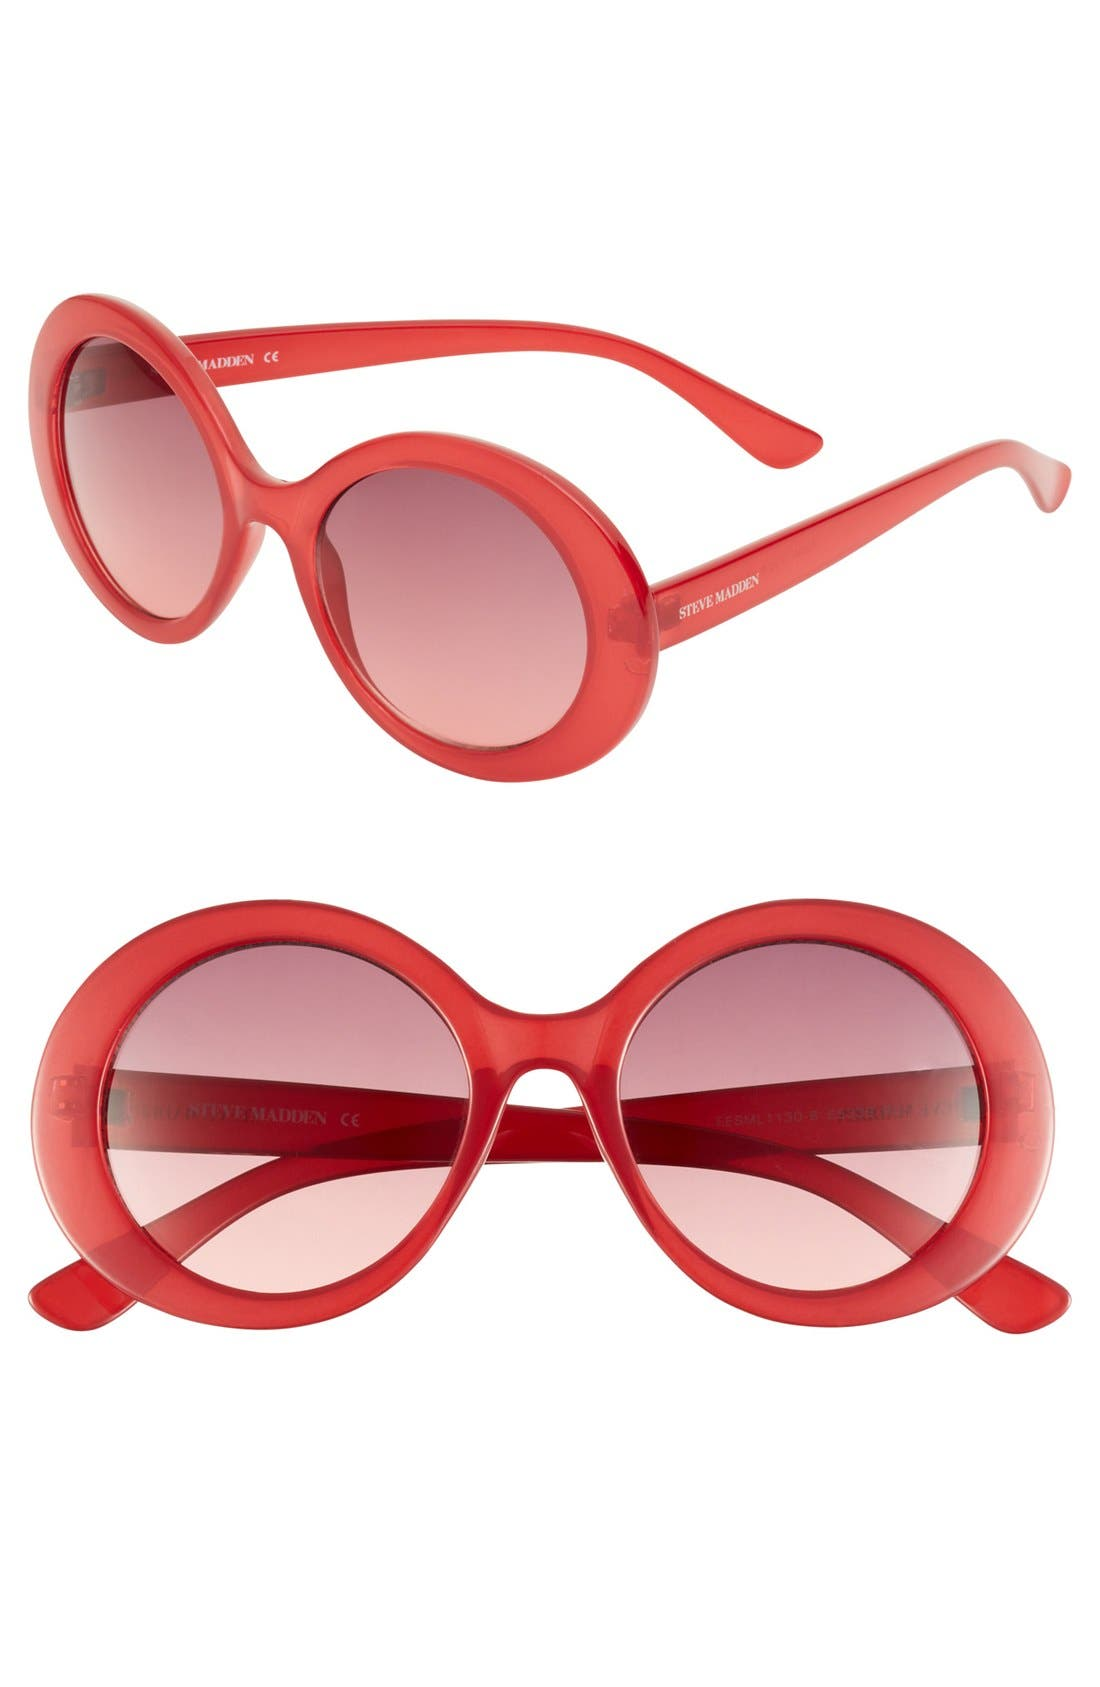 Alternate Image 1 Selected - Steve Madden Round Sunglasses